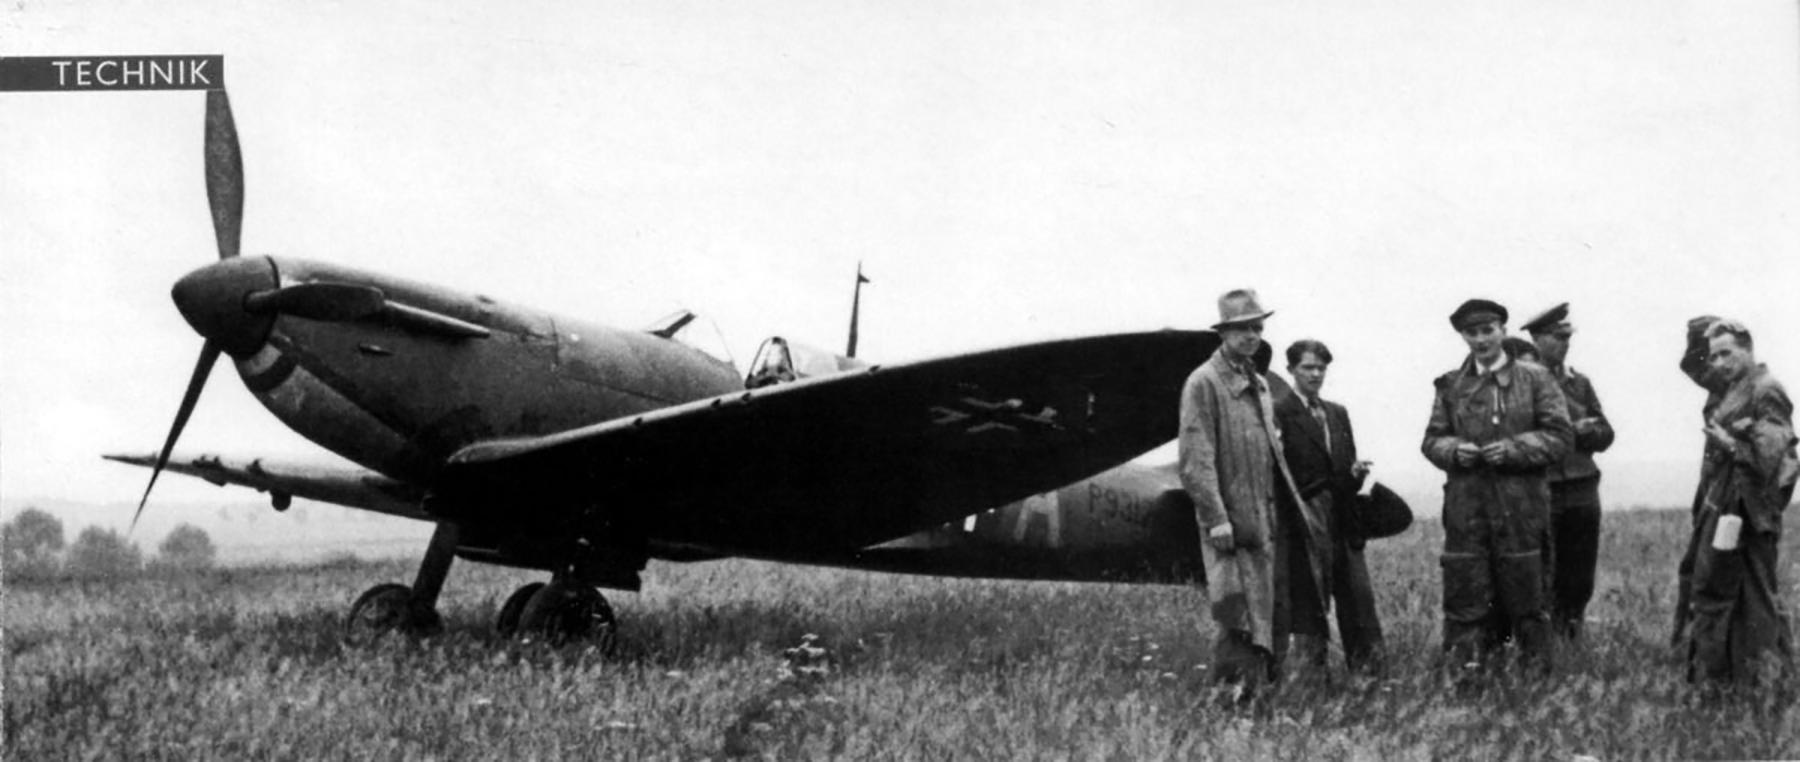 Spitfire MkIa RAF 222Sqn ZDA P9317 force landed Dunkerque 1st Jun 1940 and captured 01